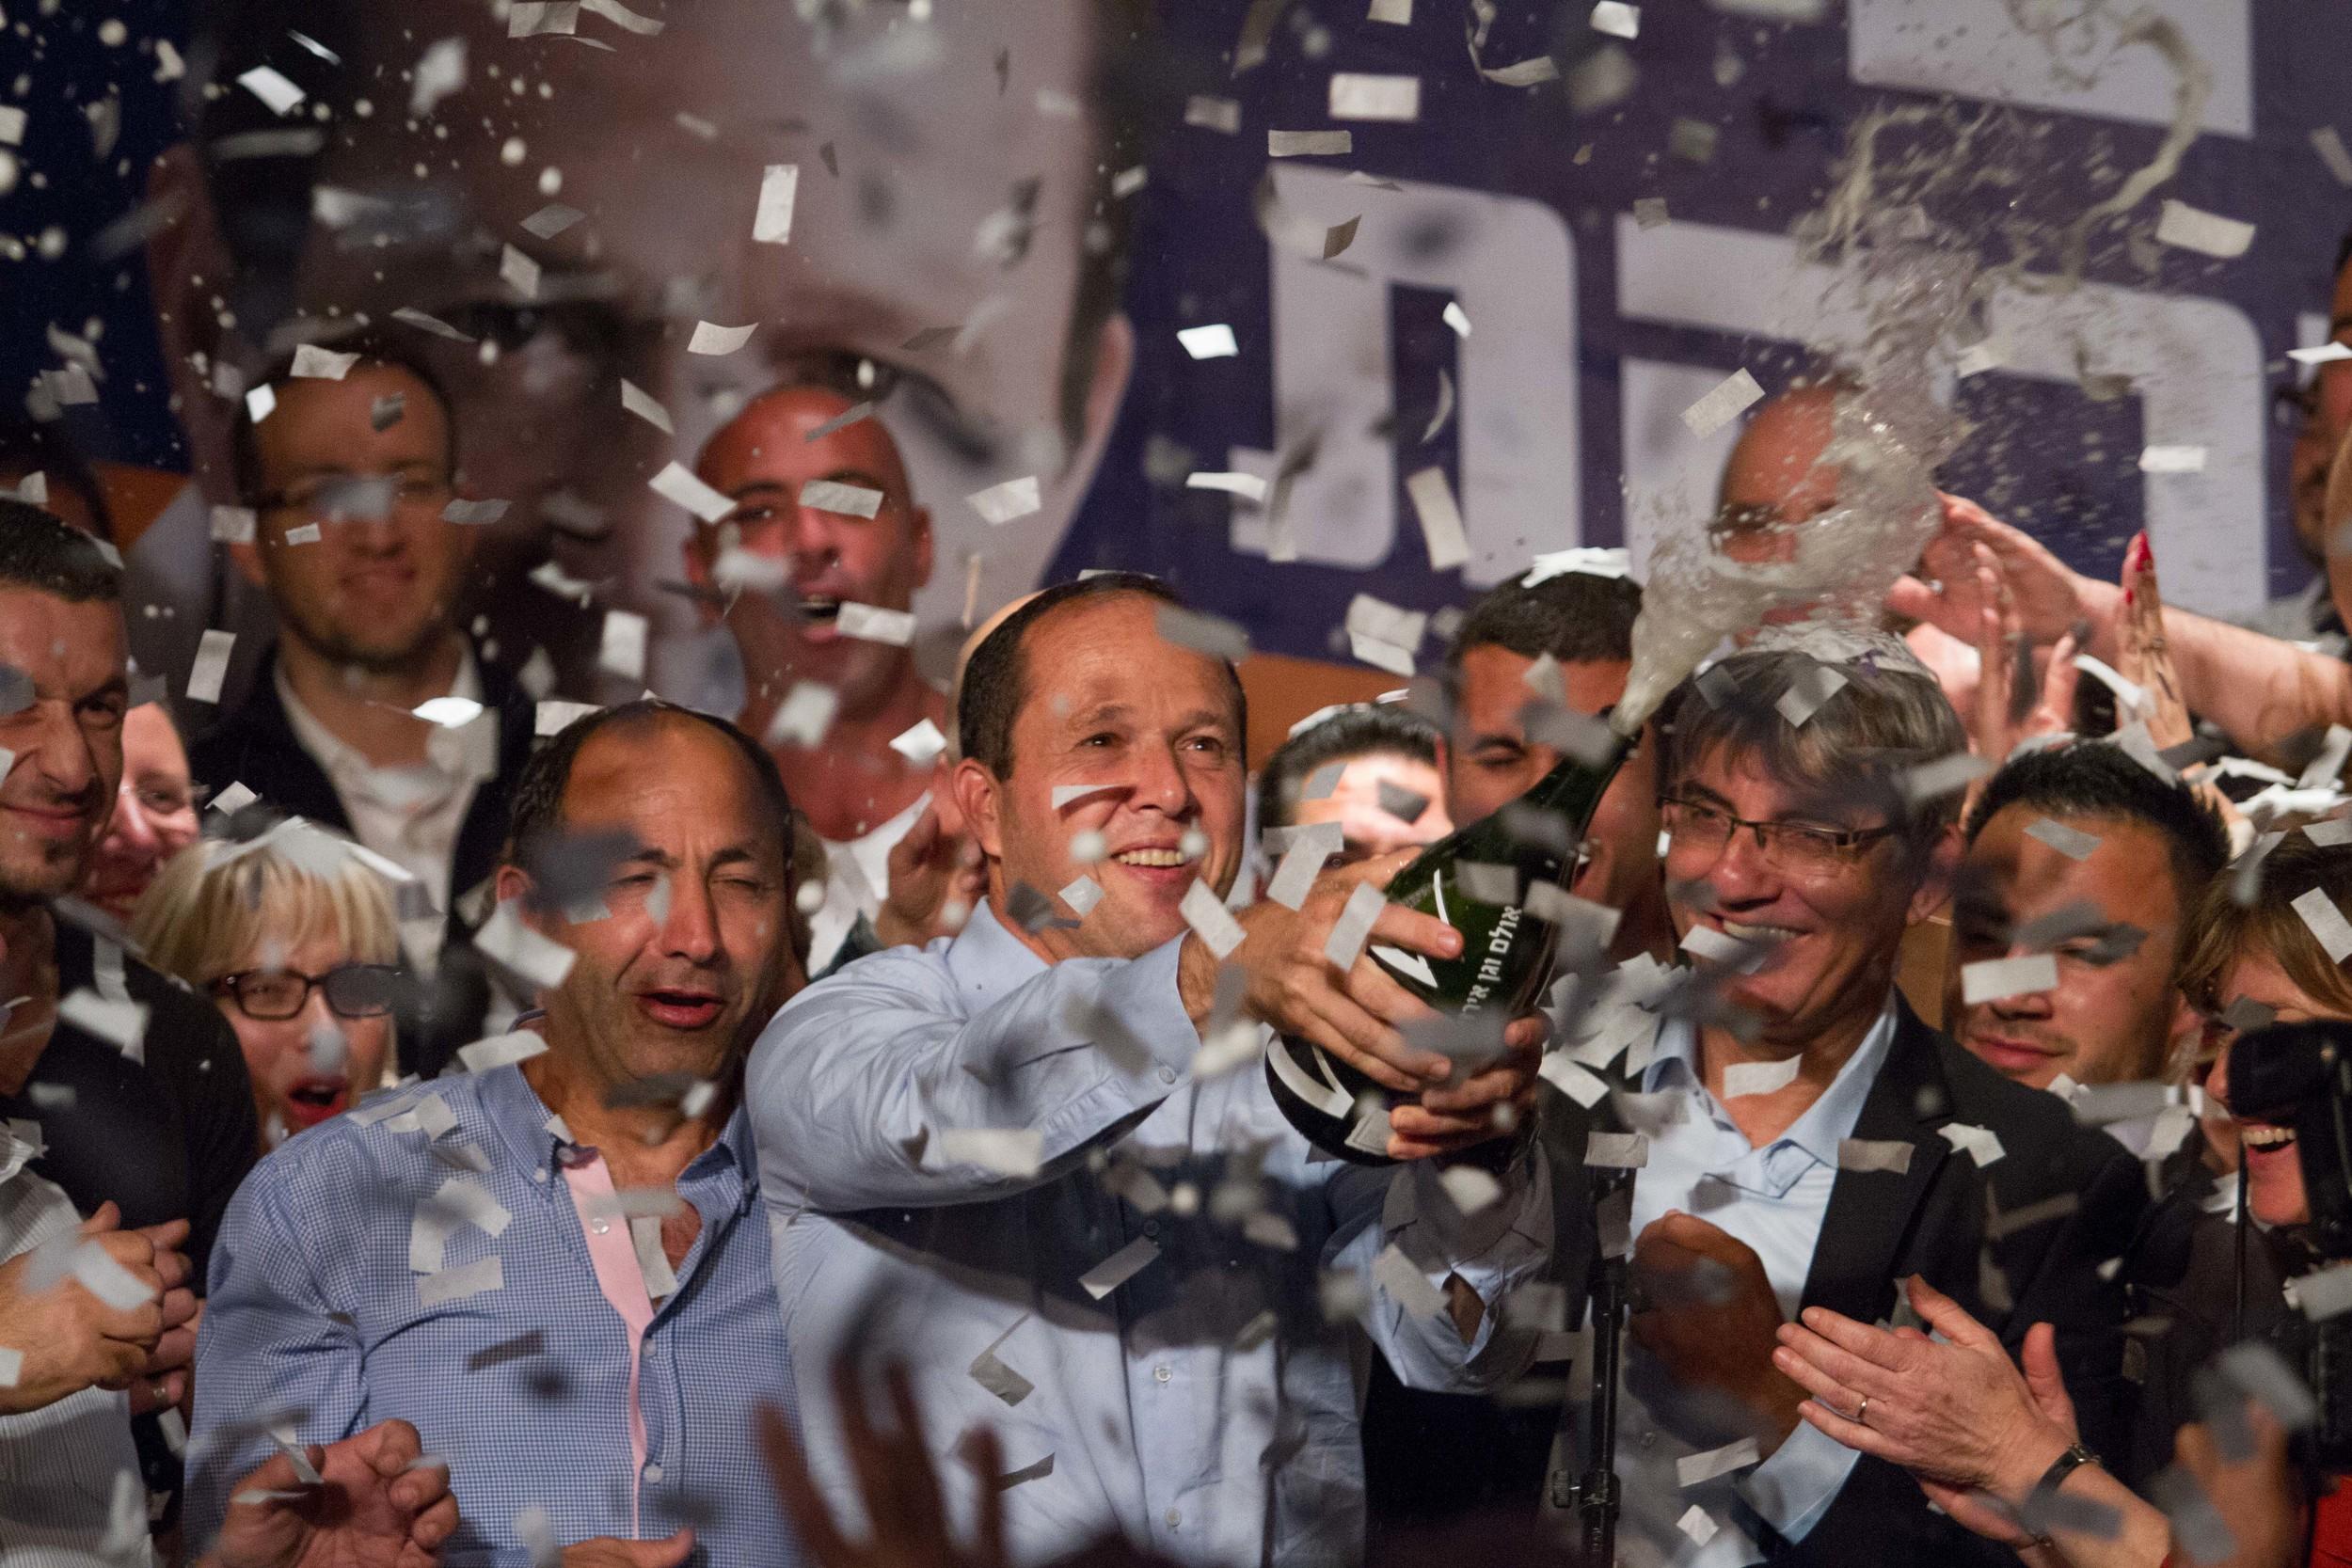 Nir Barkat wins the elections for m ayor ofJerusalem